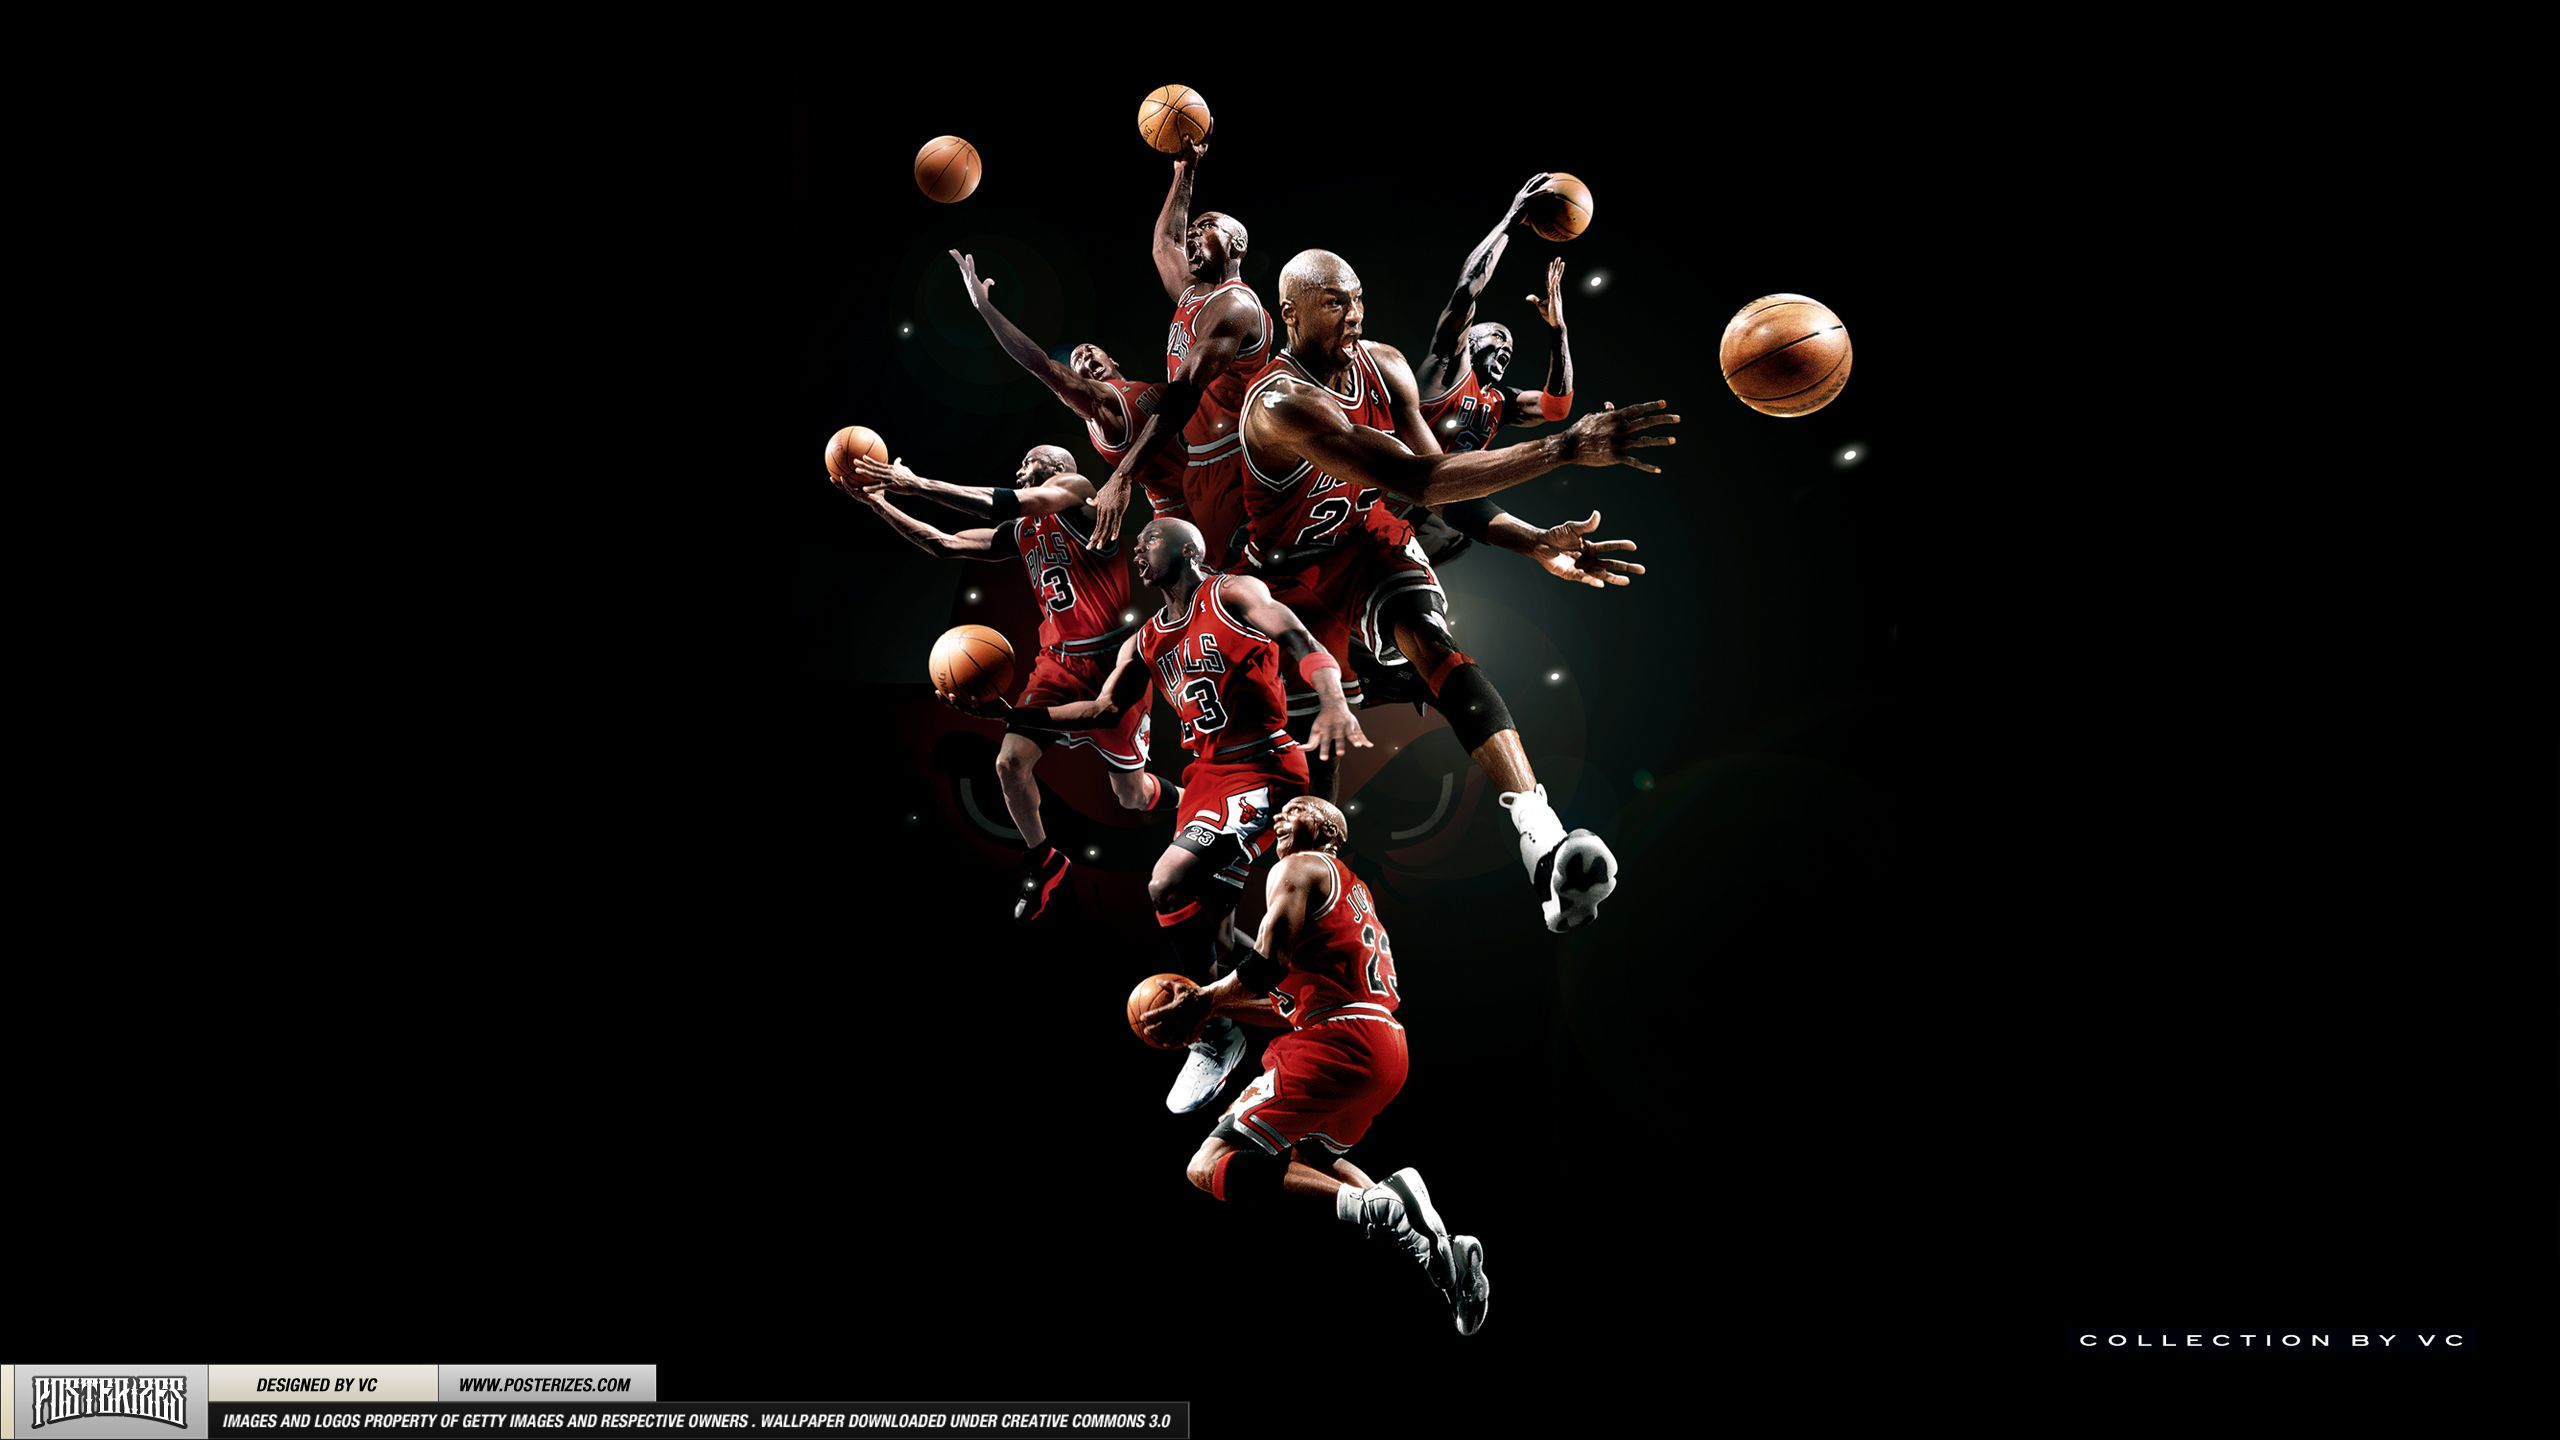 Michael jordan iphone wallpaper tumblr - Michael Jordan Wallpapers High Resolution And Quality Download